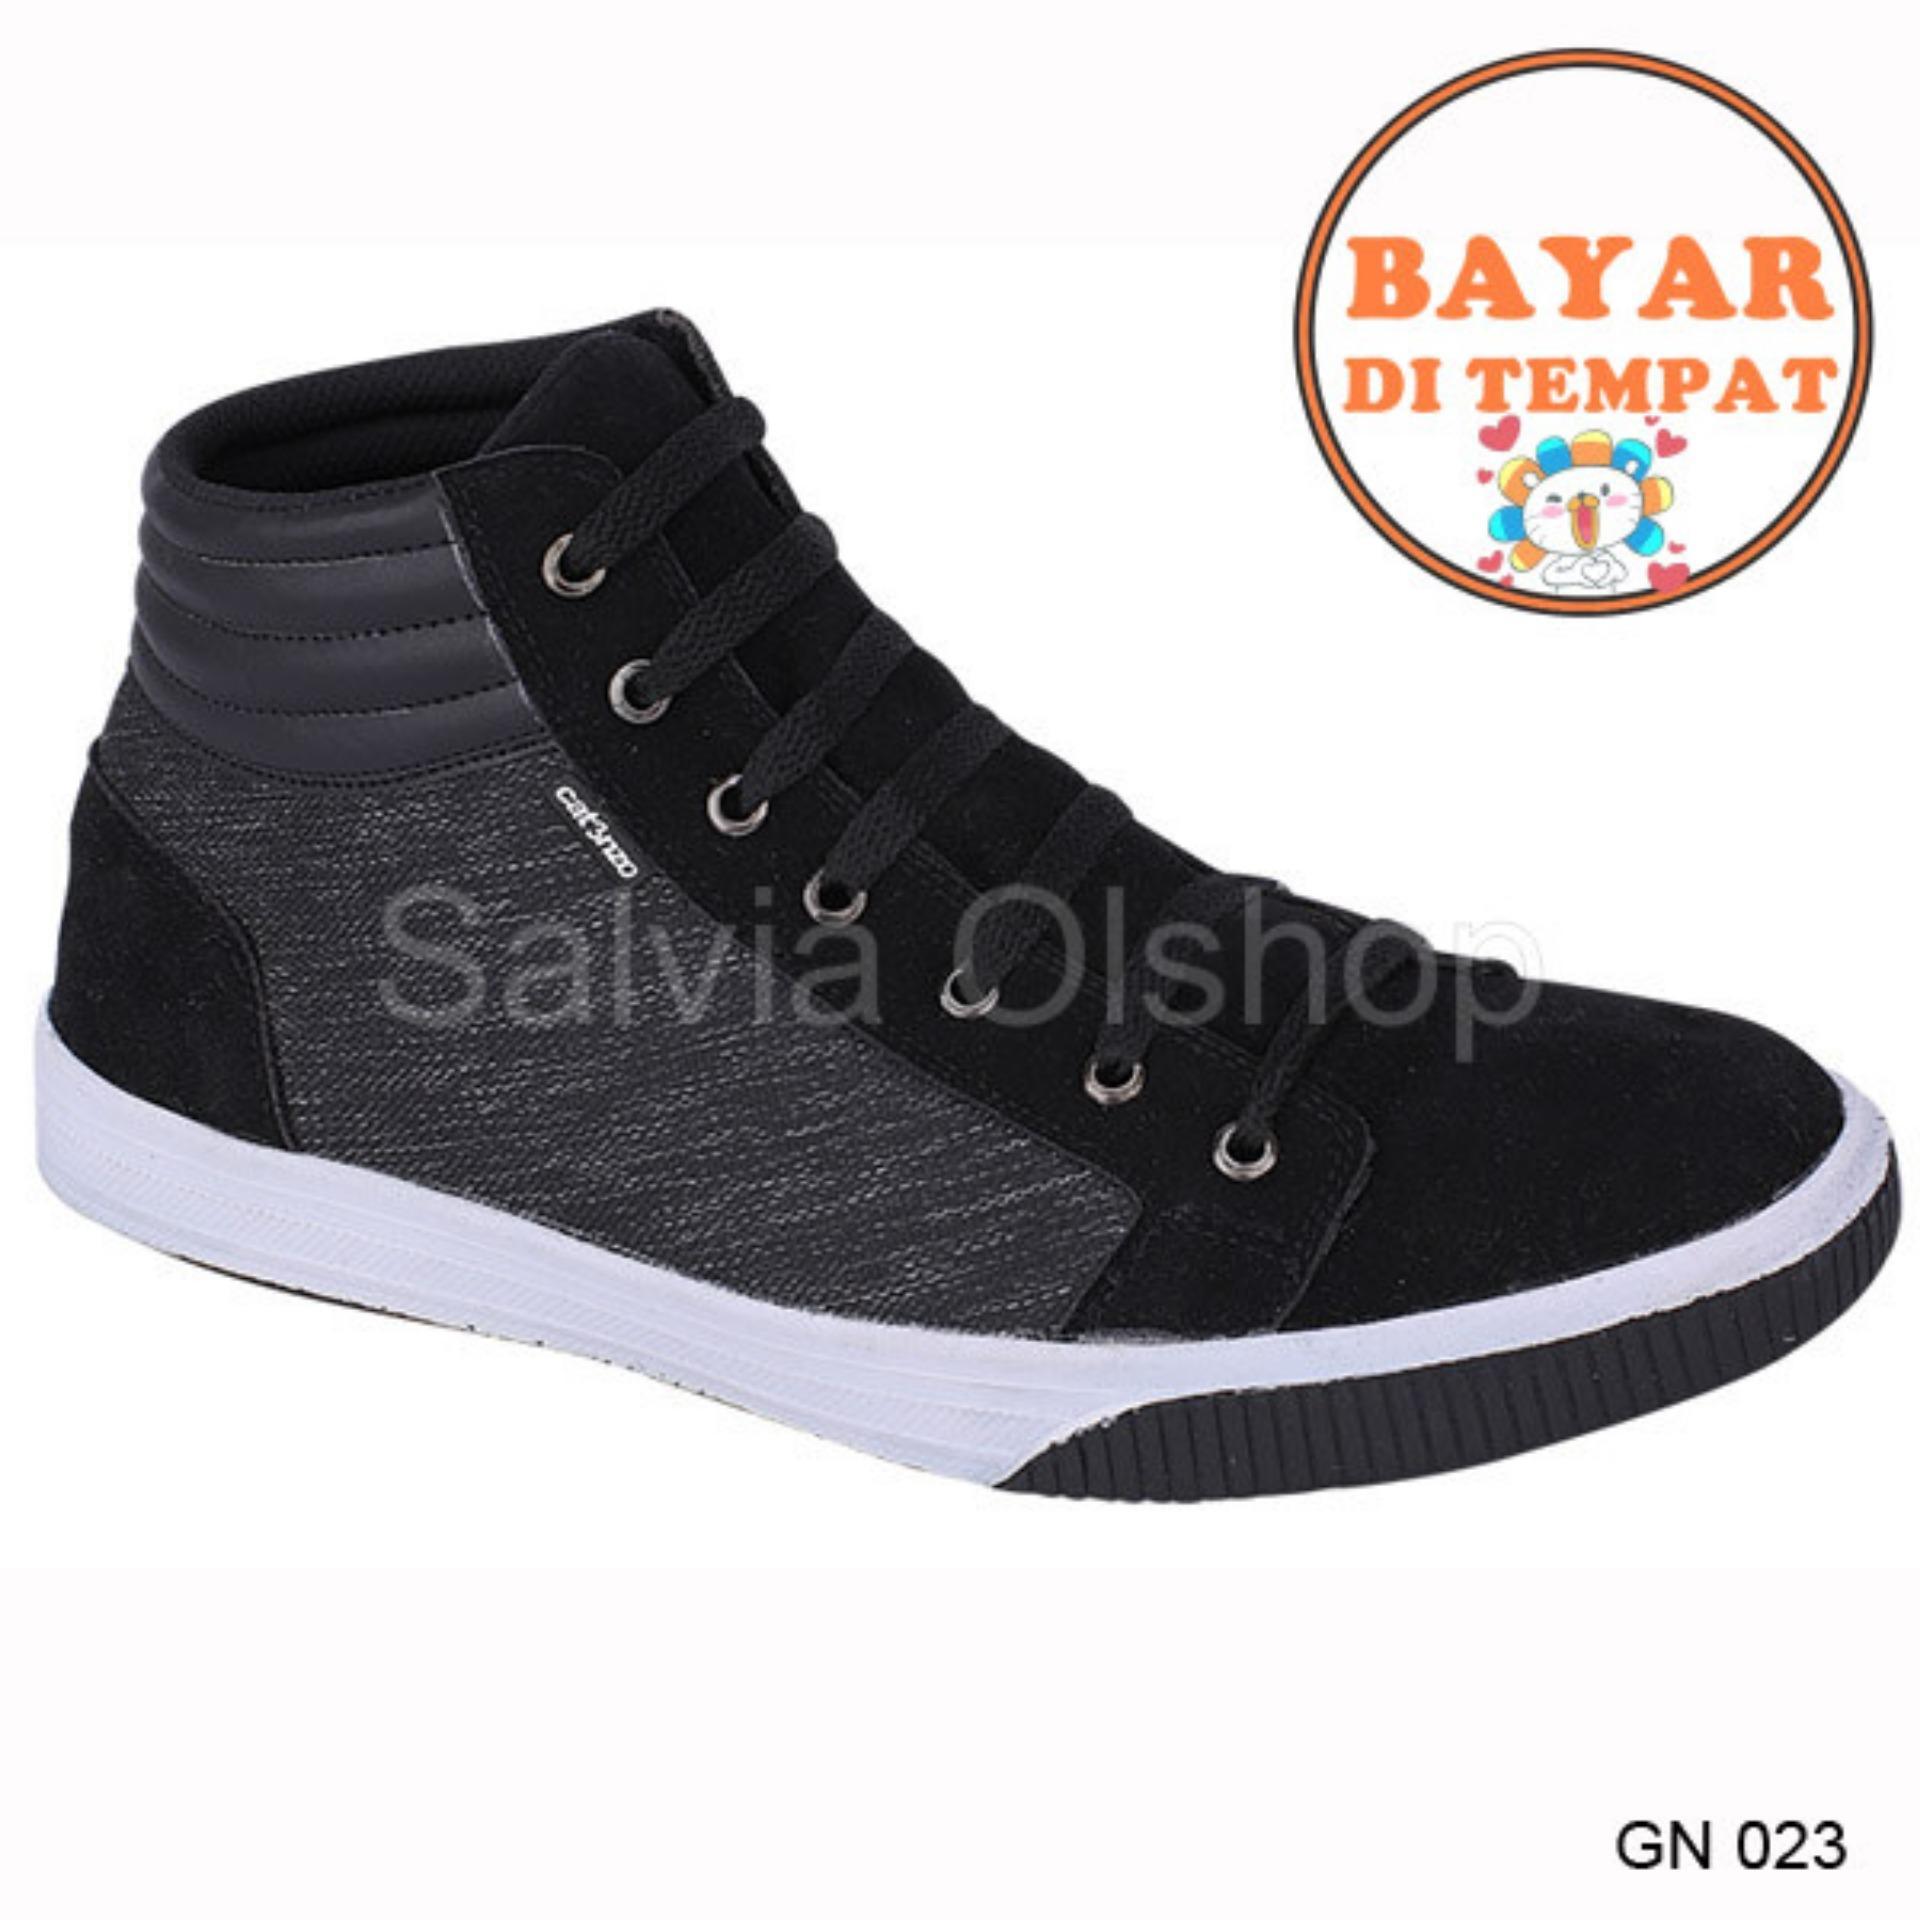 Catenzo Sepatu Sneakers Pria Keren Dan Modis GN 023 - Abu-Abu